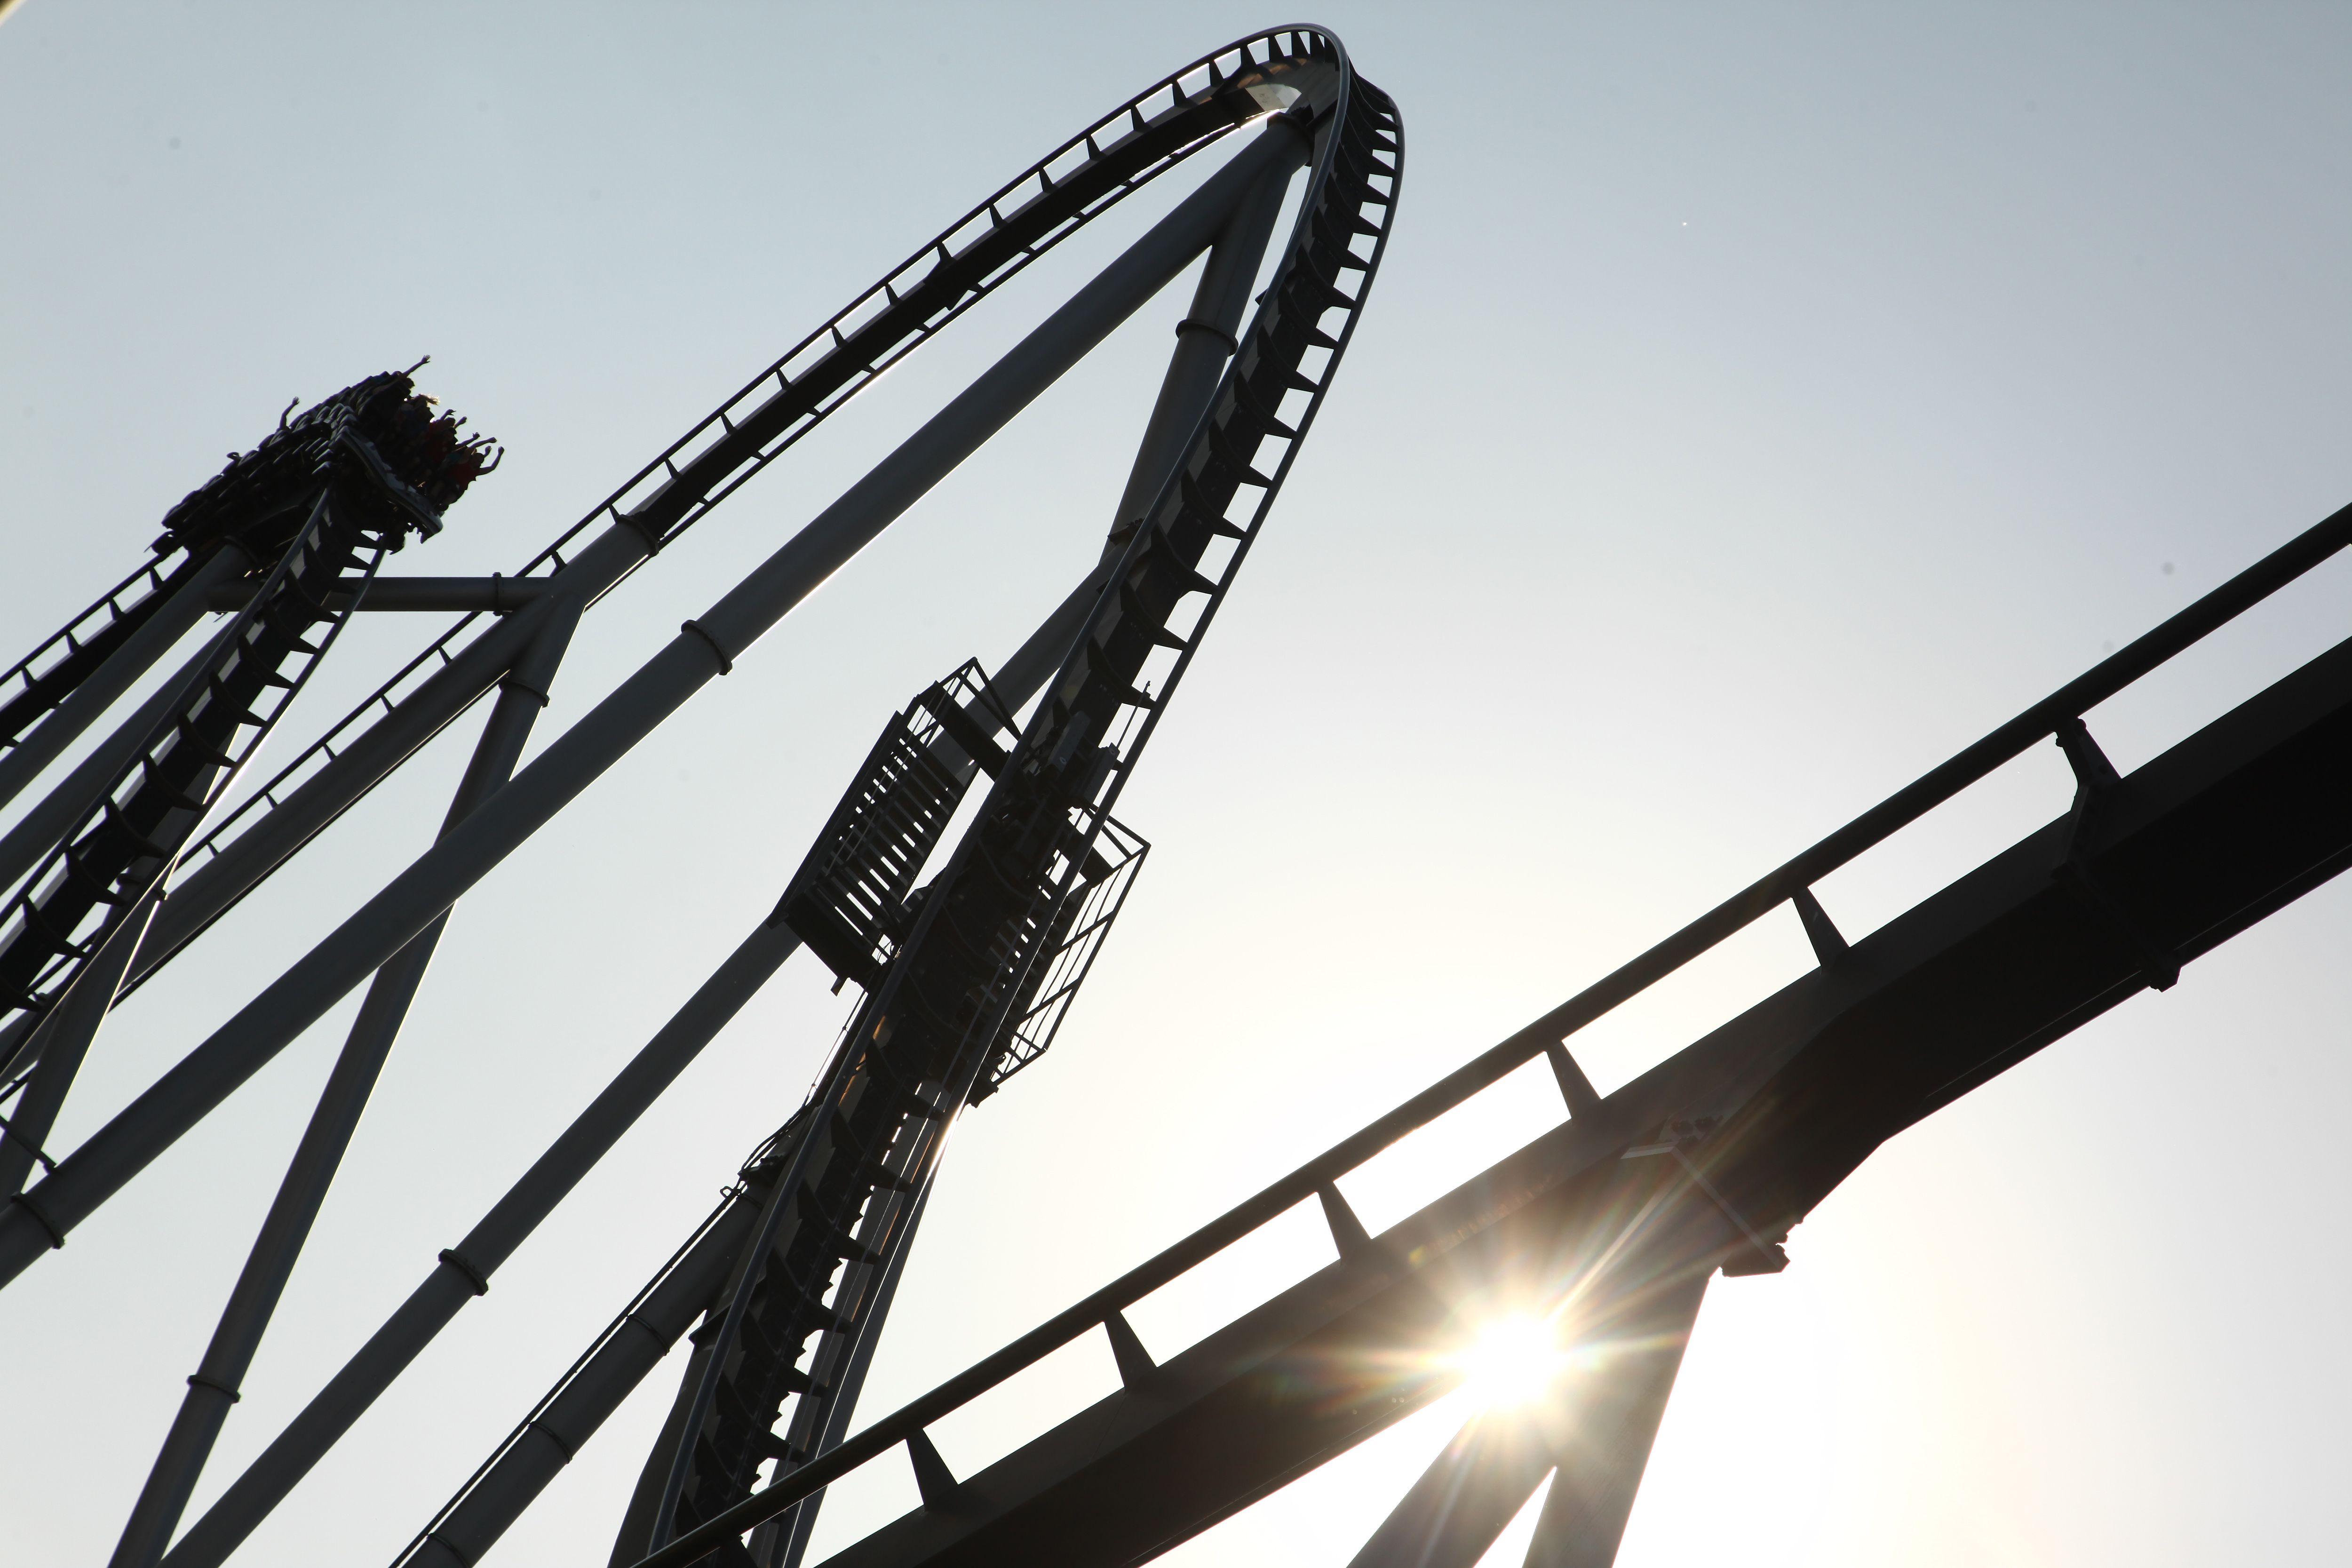 EuropaPark roller coaster